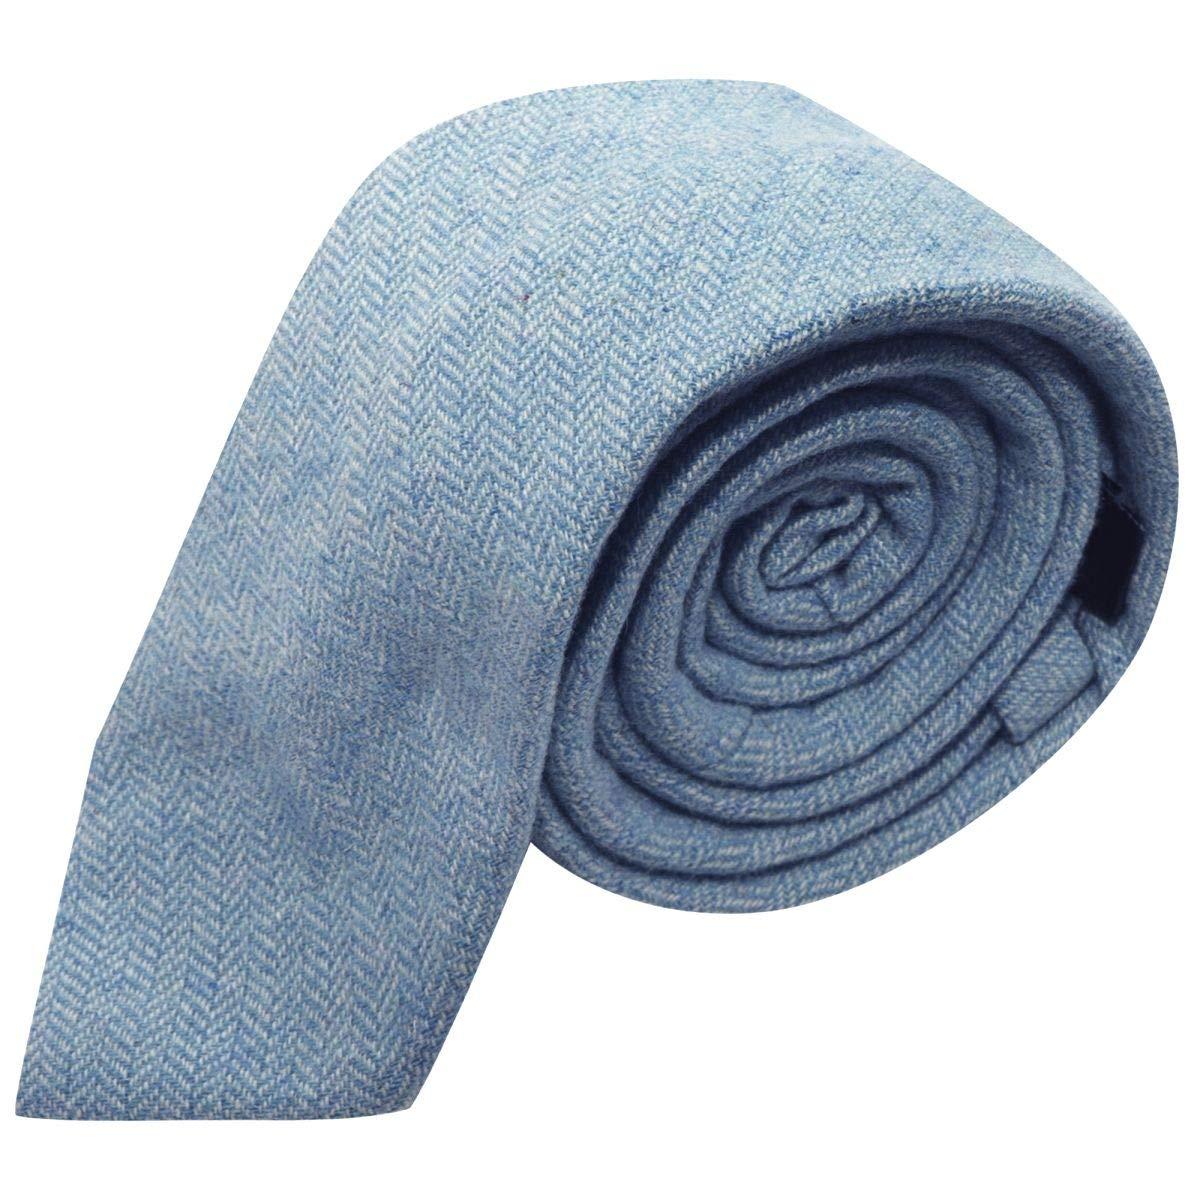 Corbata azul cielo de espiga: Amazon.es: Ropa y accesorios